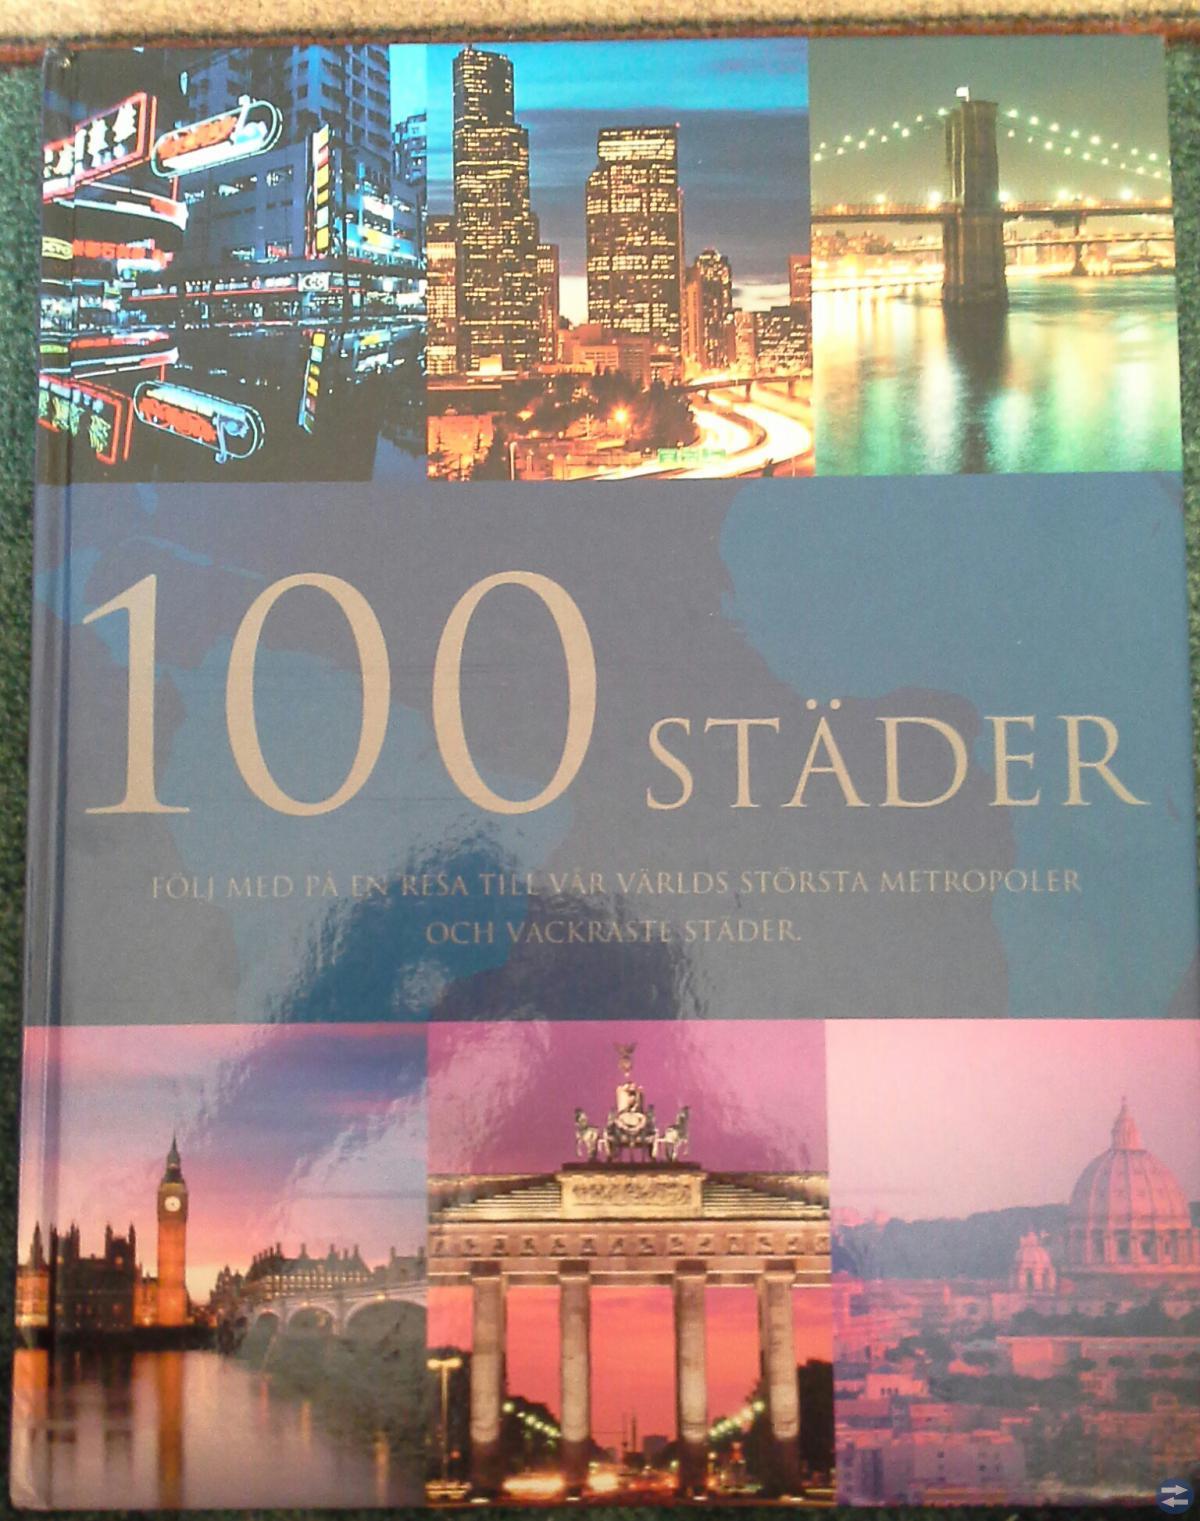 100 städer ( fin bok )